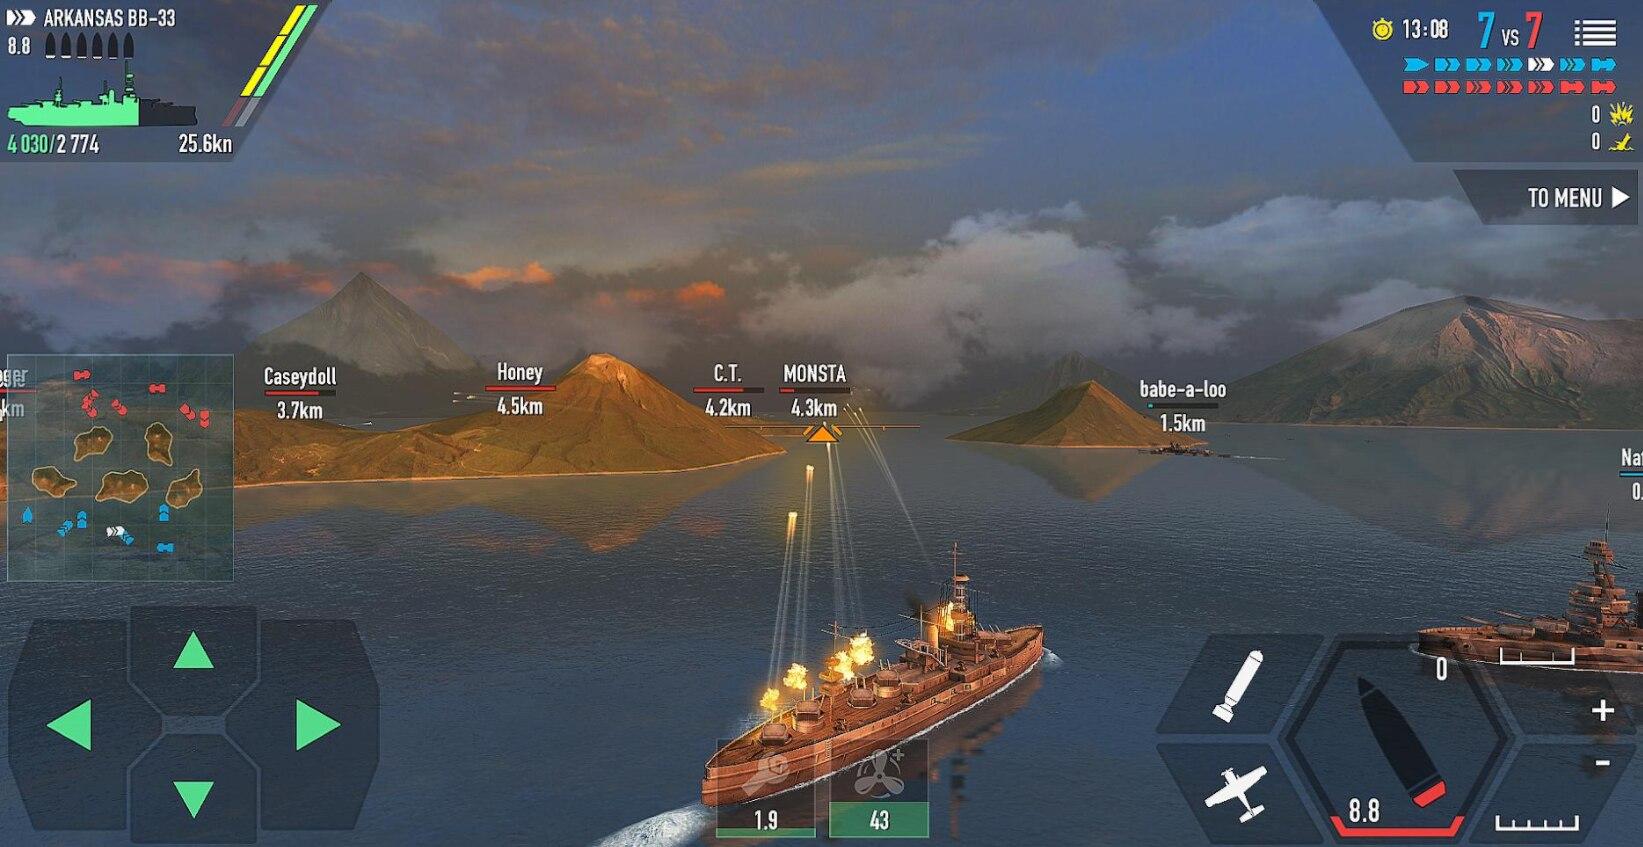 战舰激斗v1.71.4/魔玩助手破解版/无限货币